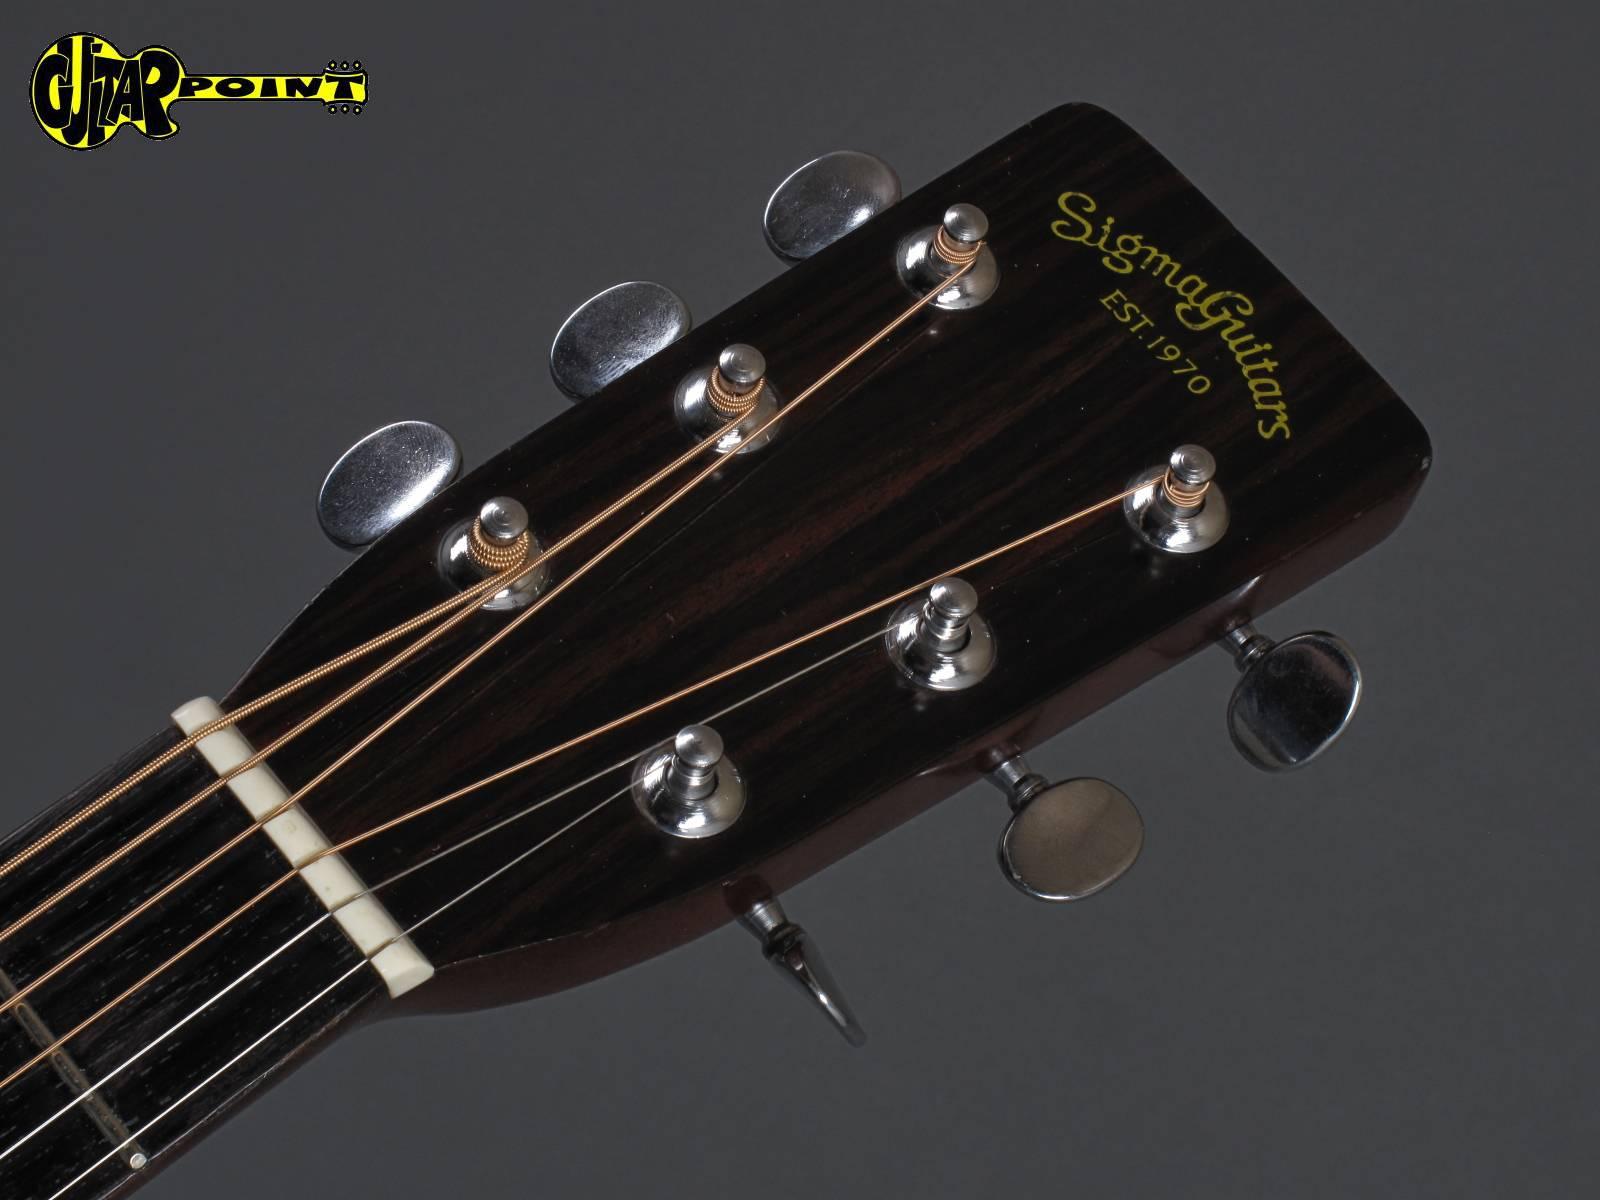 sigma martin gcs 3 1979 natural guitar for sale guitarpoint. Black Bedroom Furniture Sets. Home Design Ideas